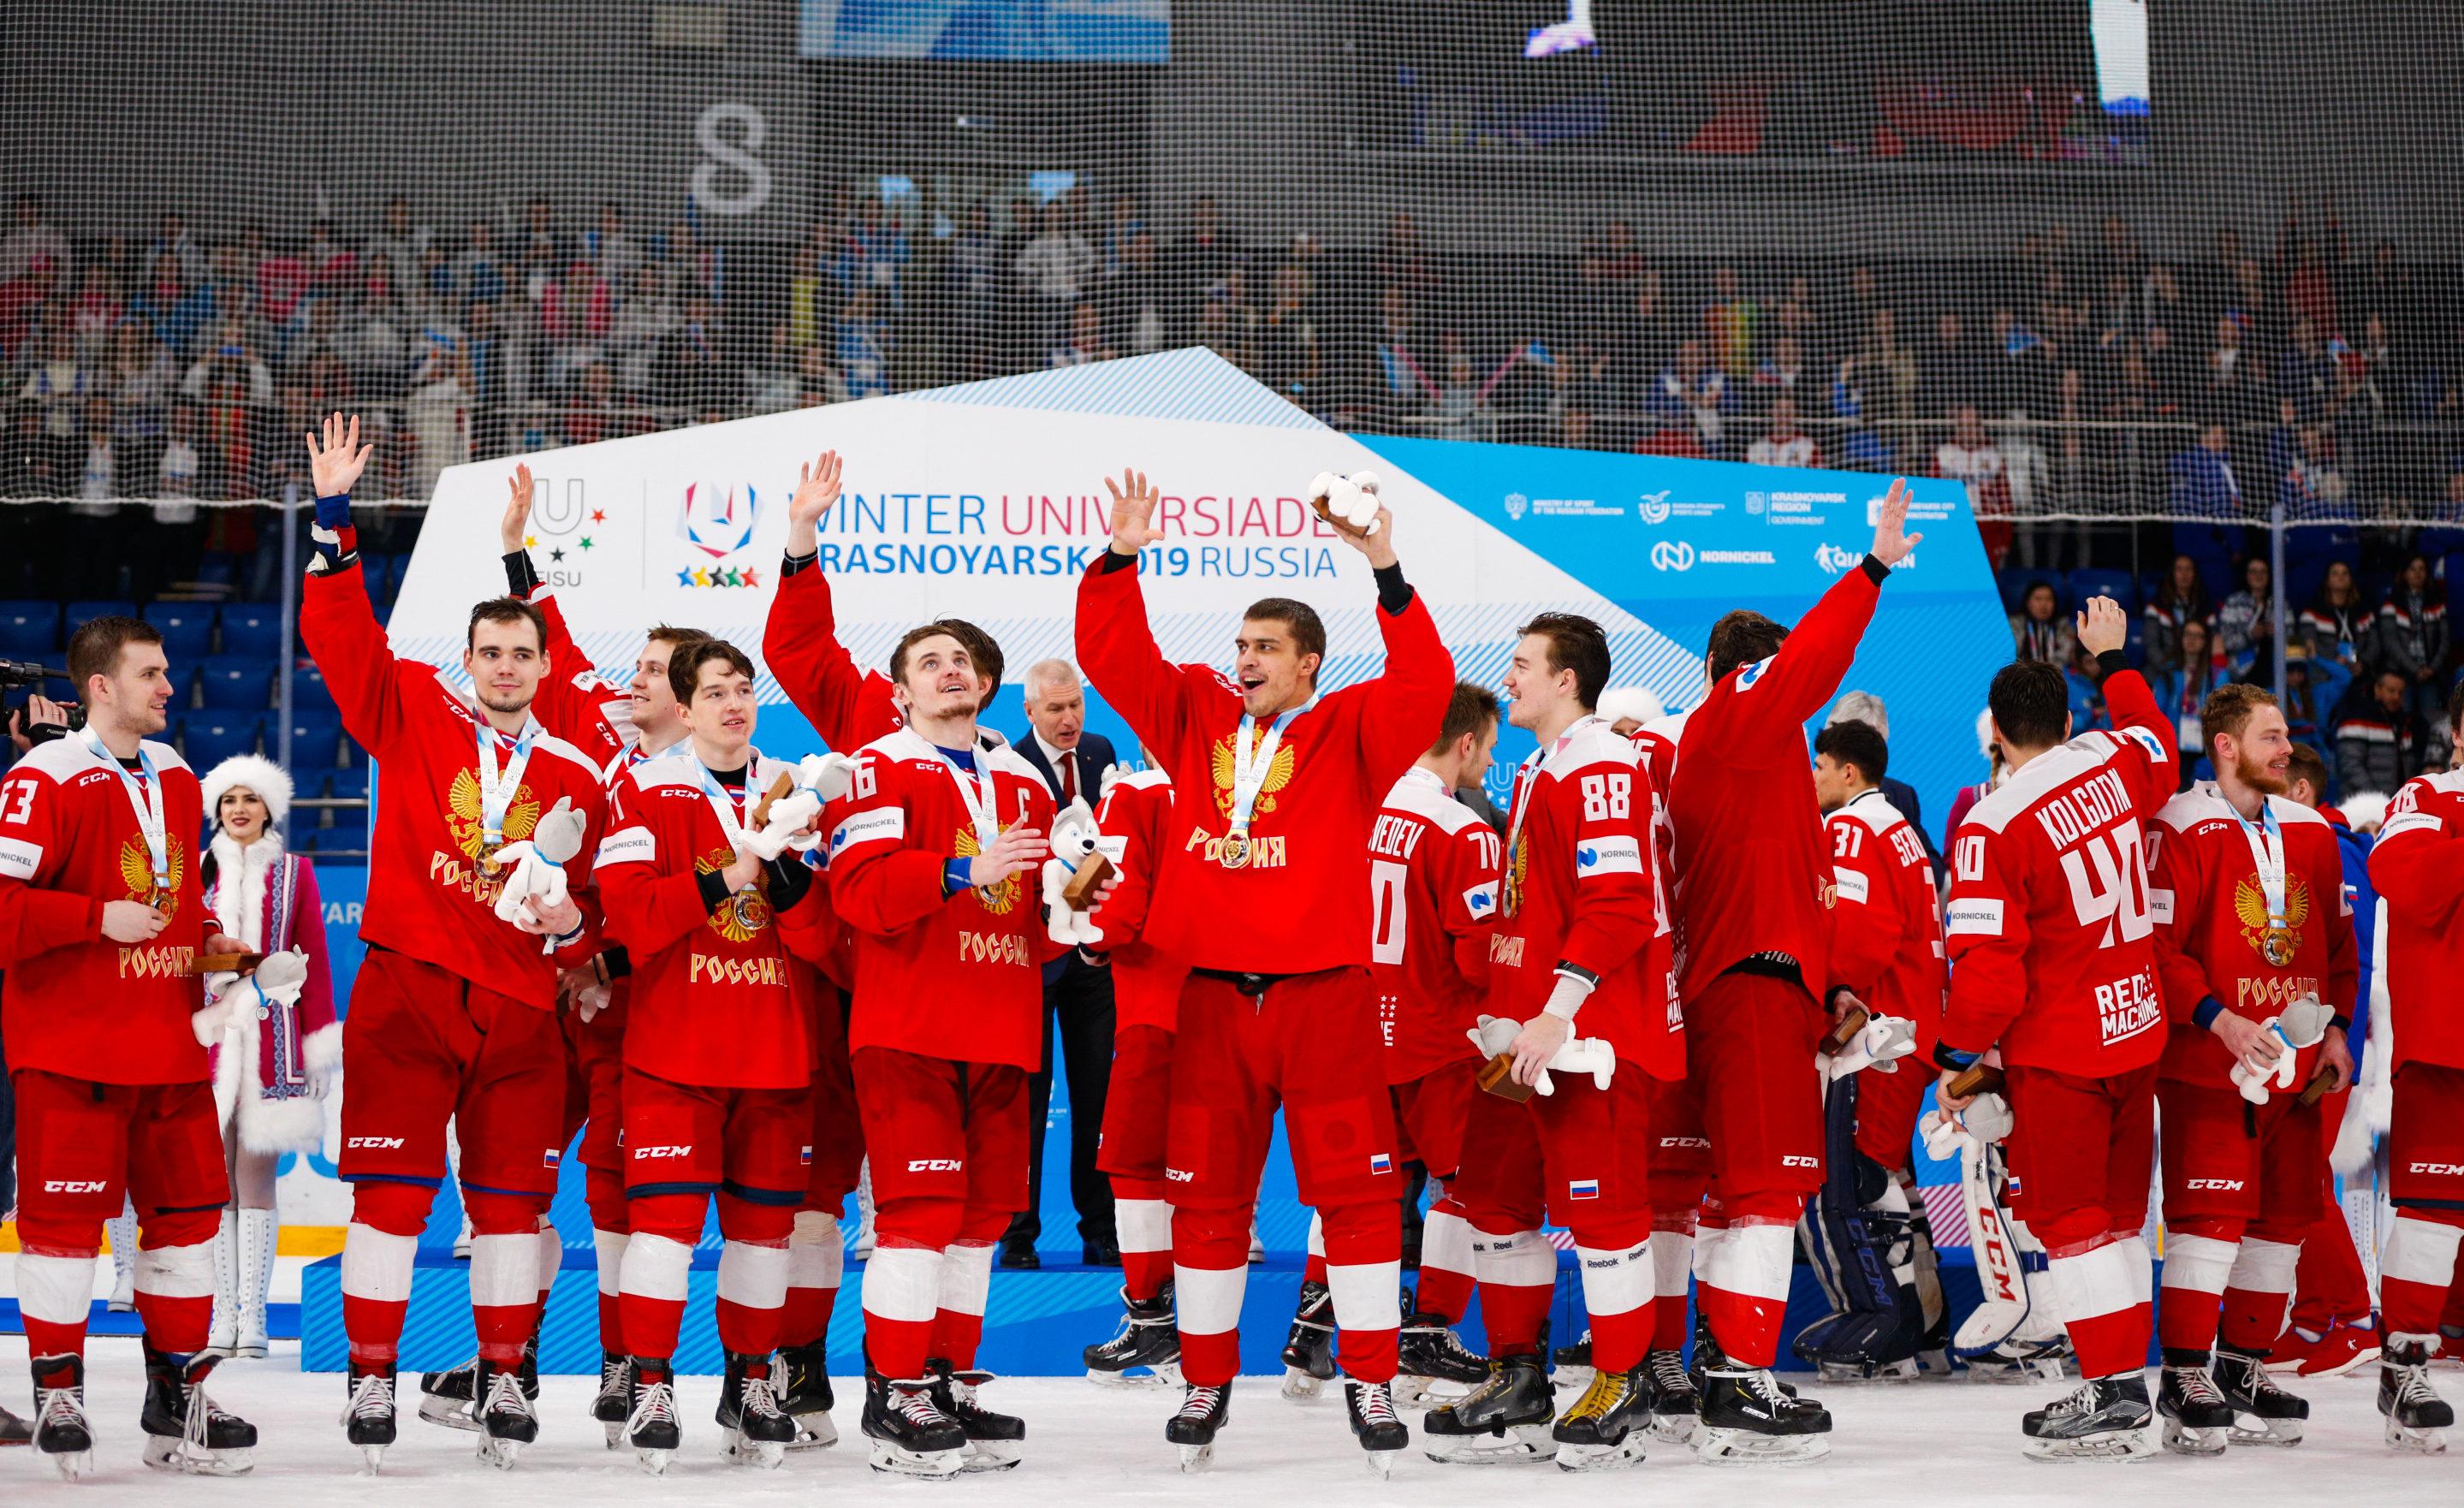 Сборная России Хоккей Универсиада Красноярск